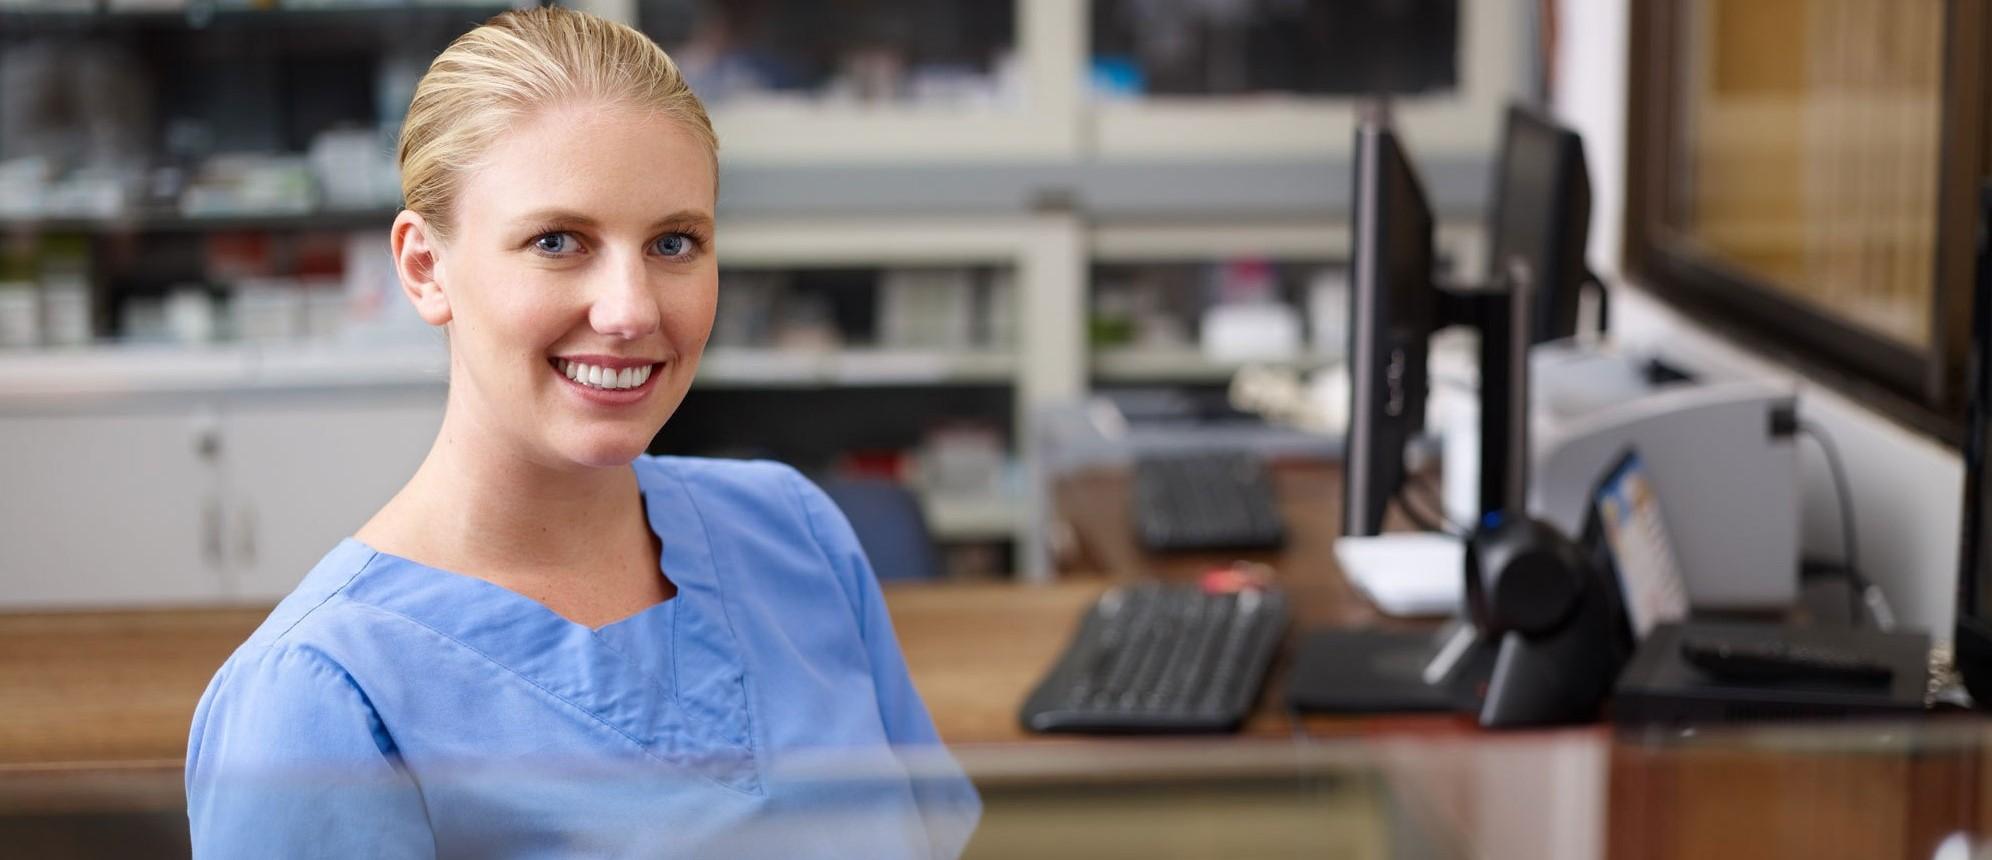 Beckfield College Medical Billing and Coding Program Image - Florence, KY